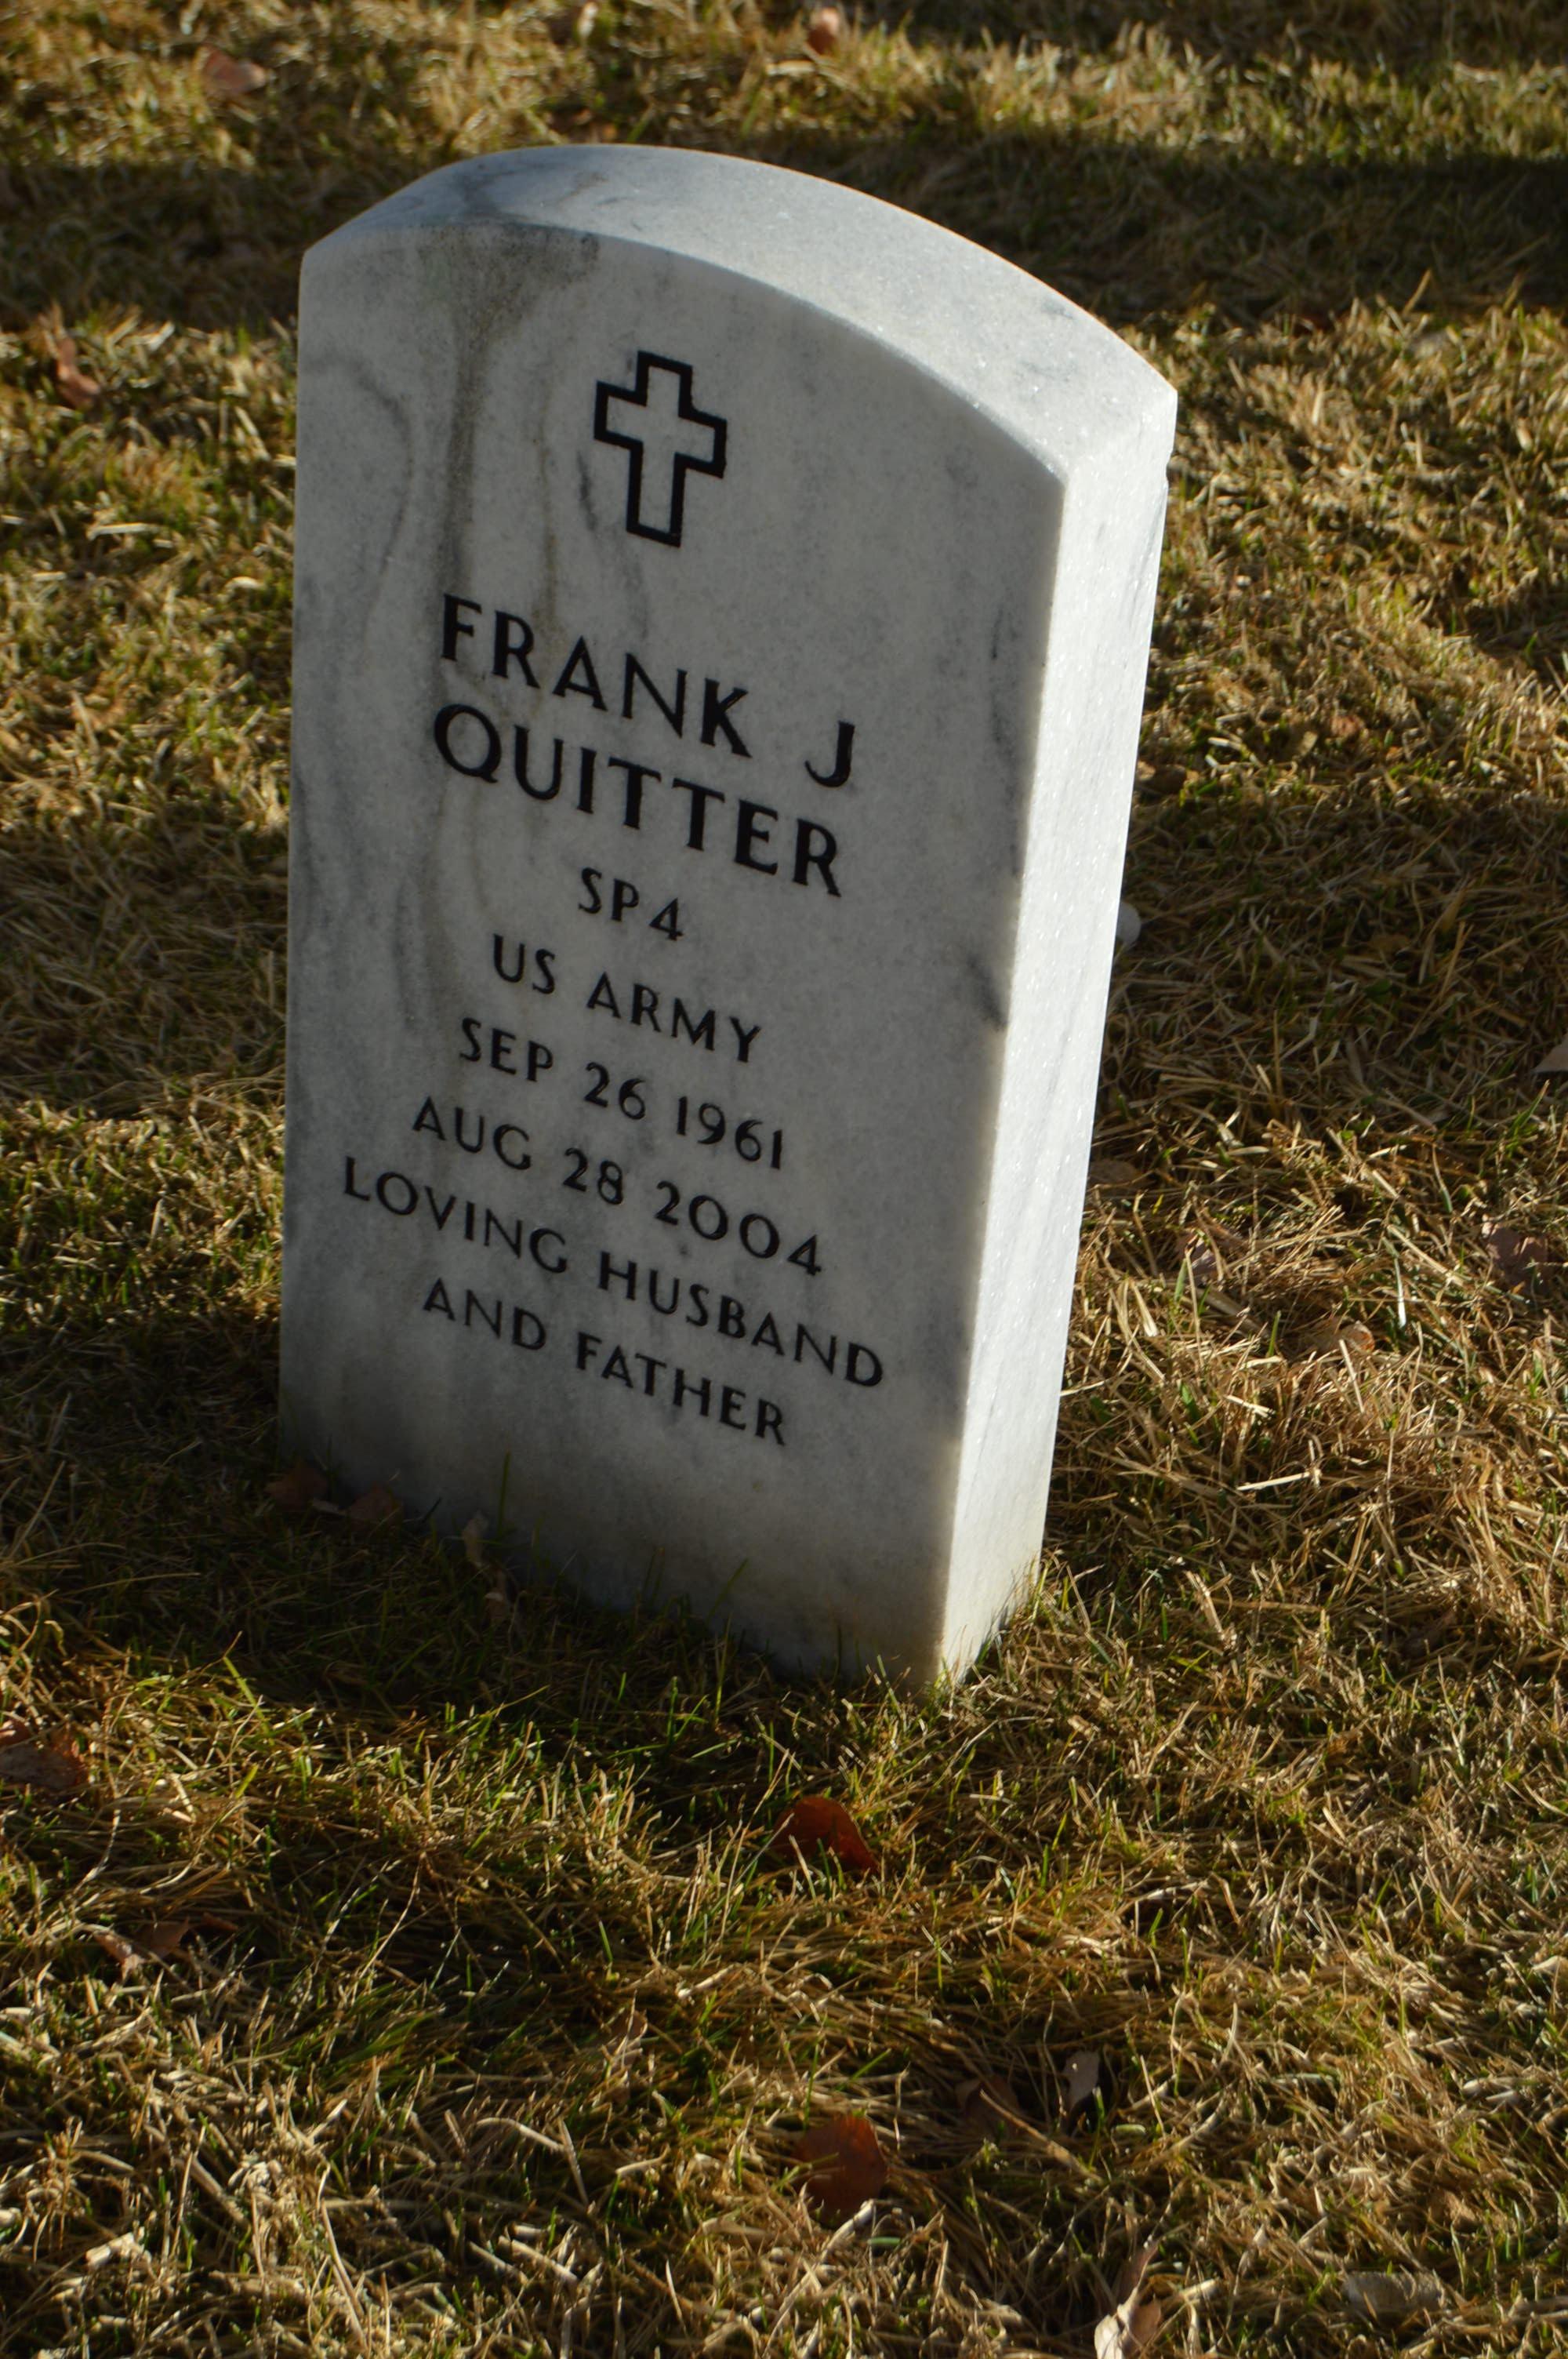 Frank J Quitter